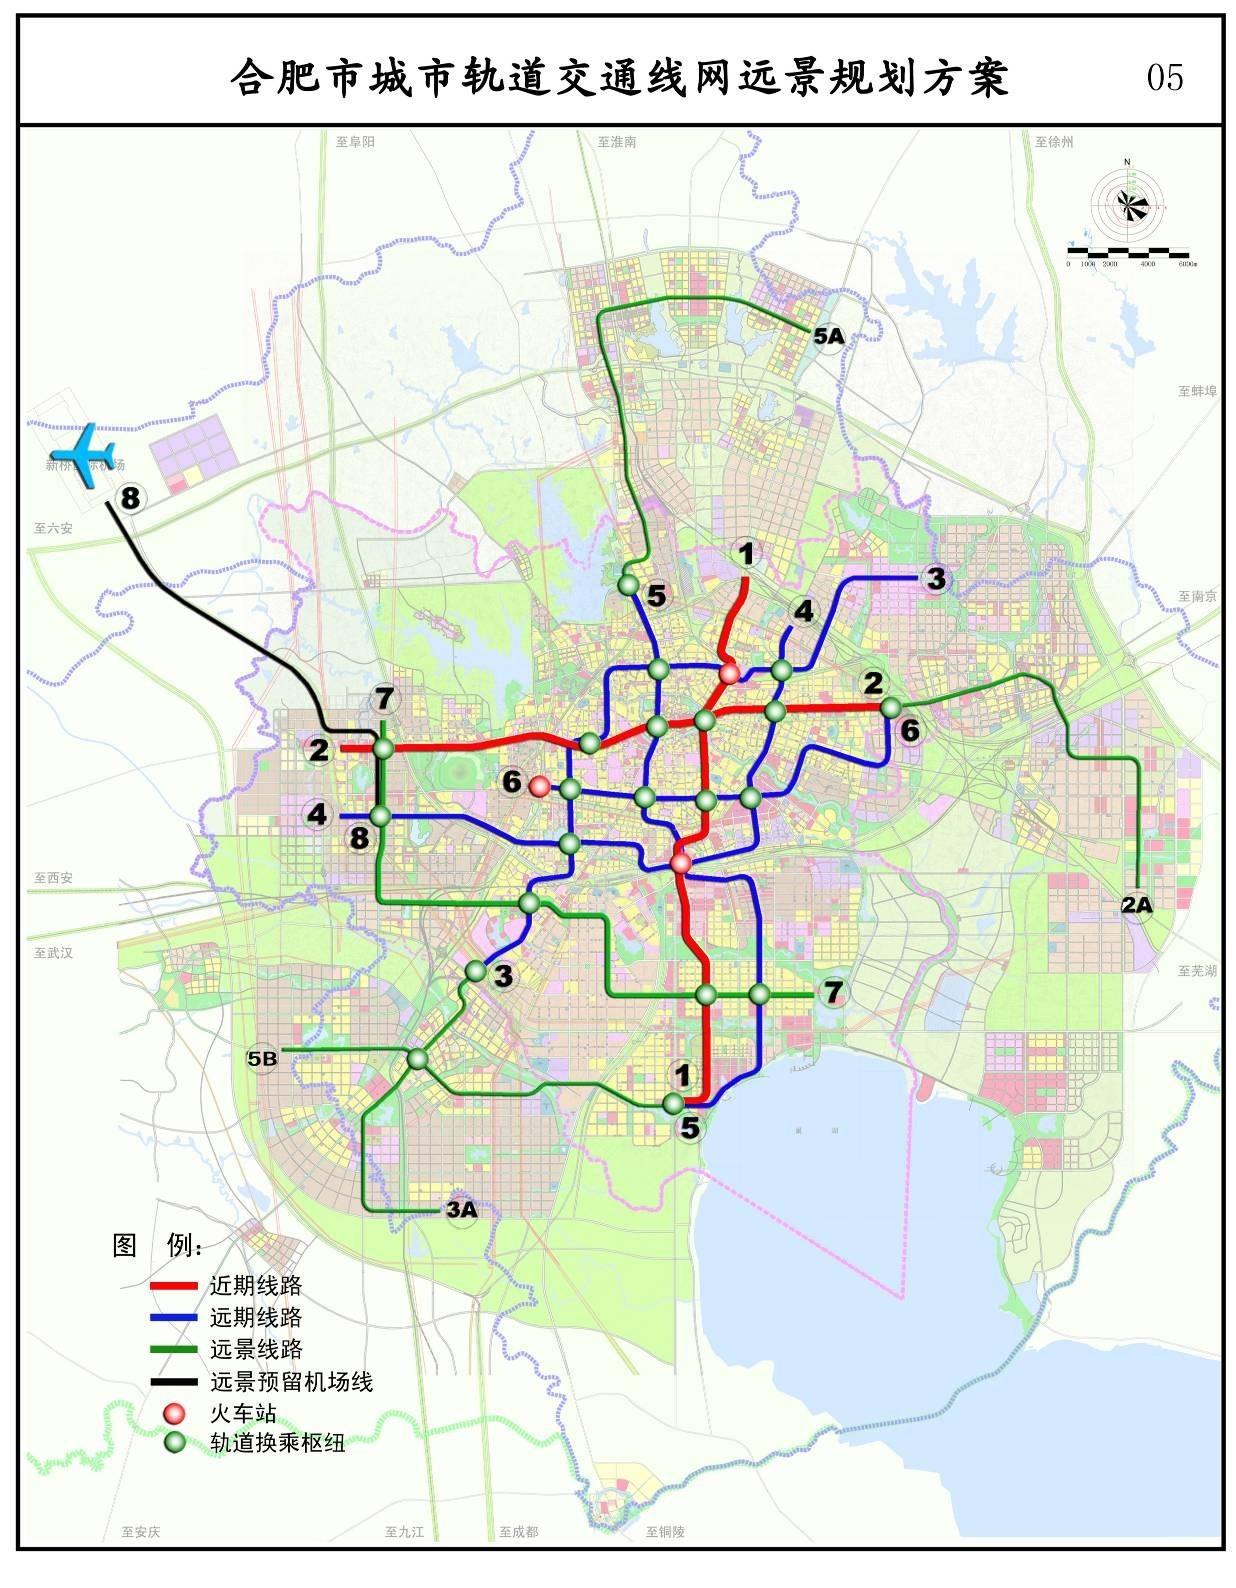 7号线将连接滨湖新区,北部次中心,经开区中心和科学城中心;8号线在与5图片